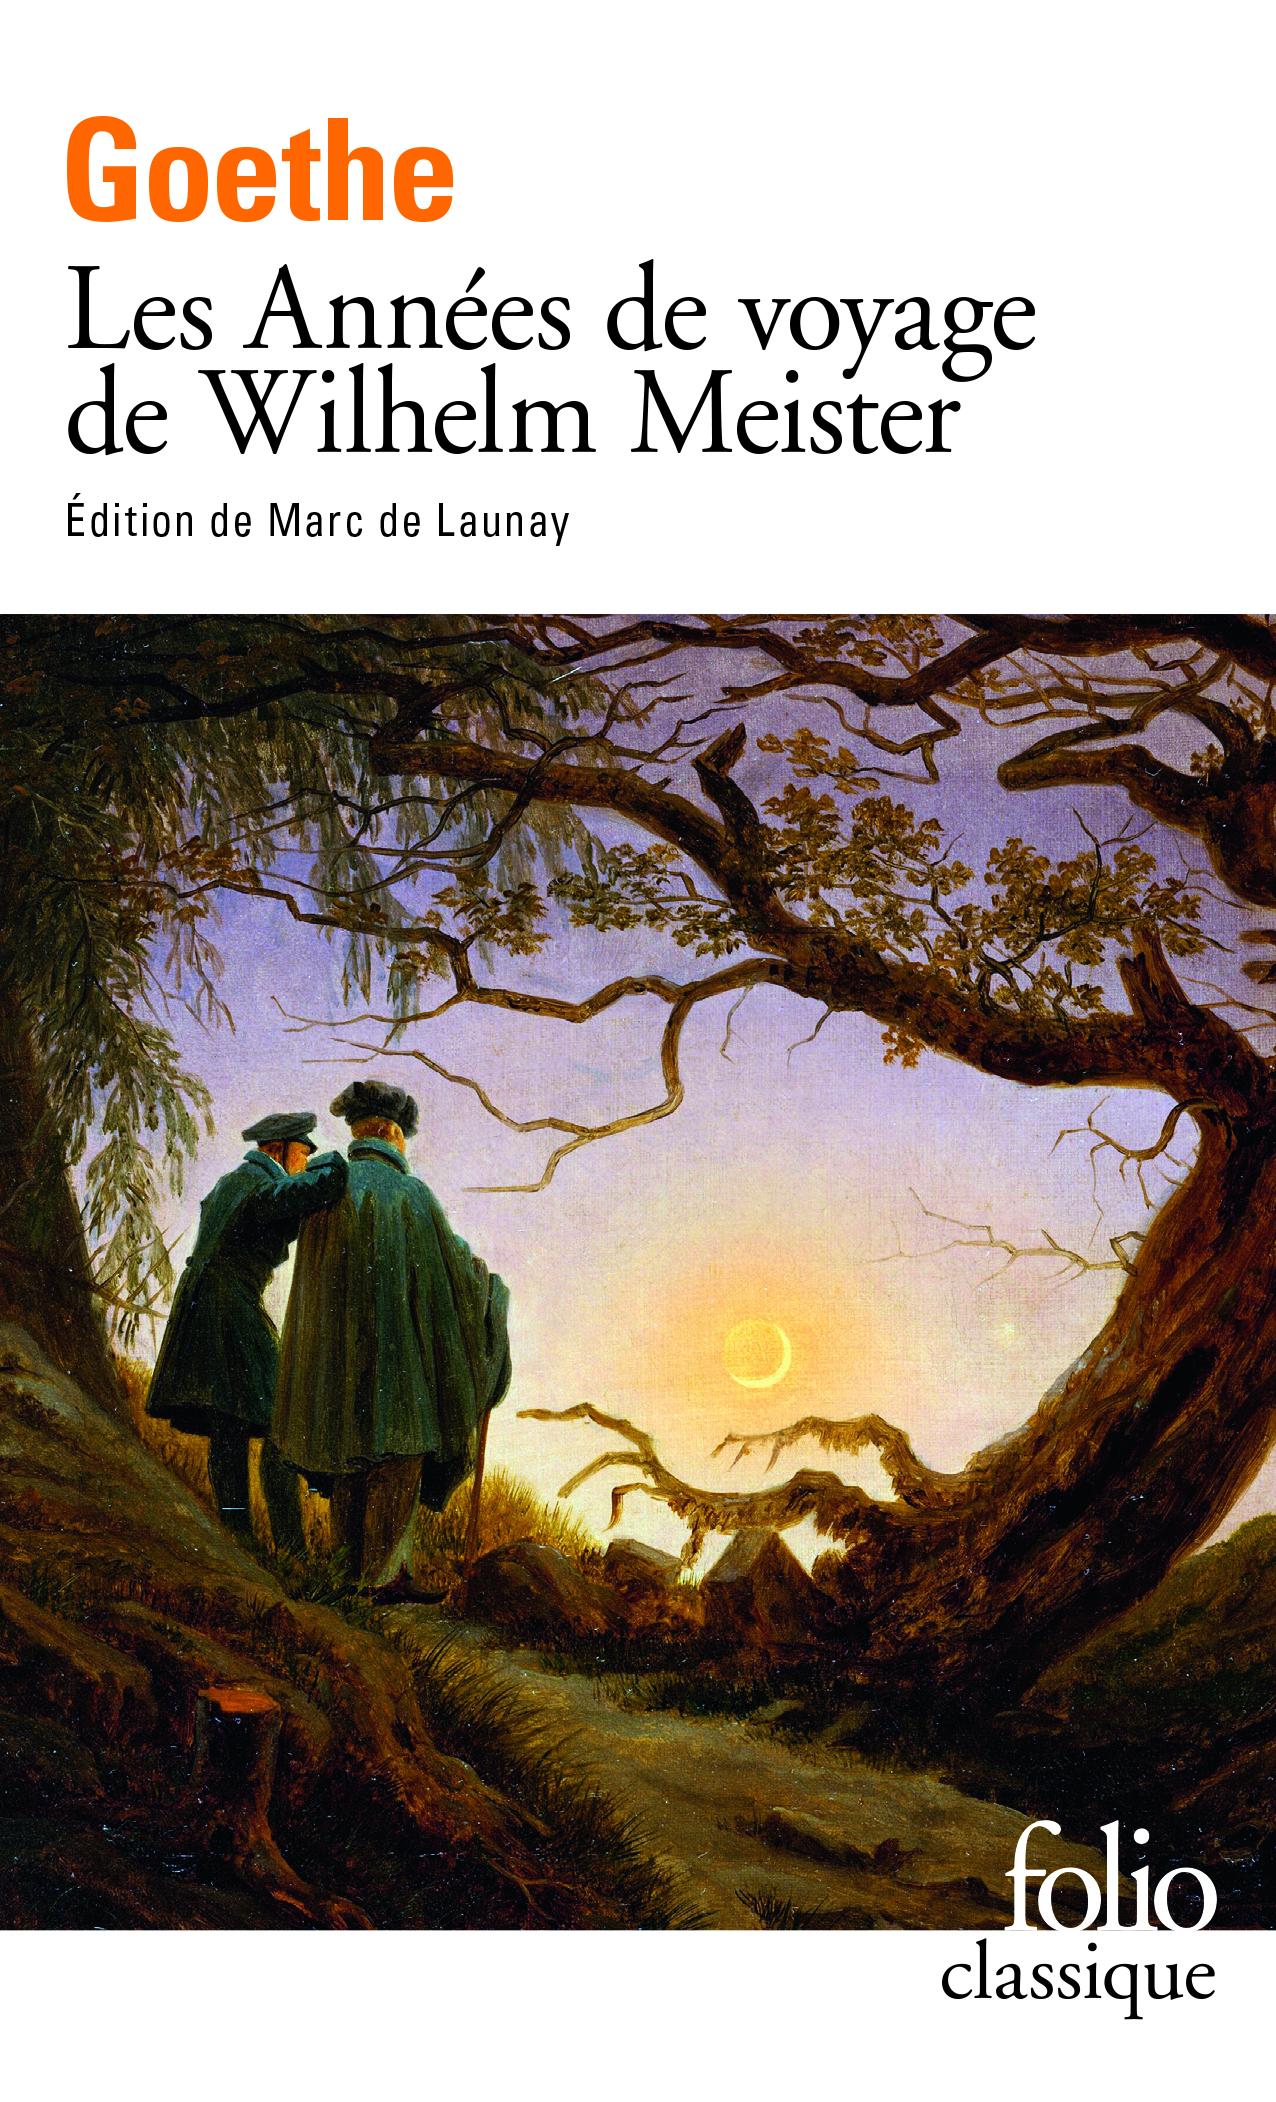 Goethe, Les Années de voyage de Wilhelm Meister (éd. M. de Launay)